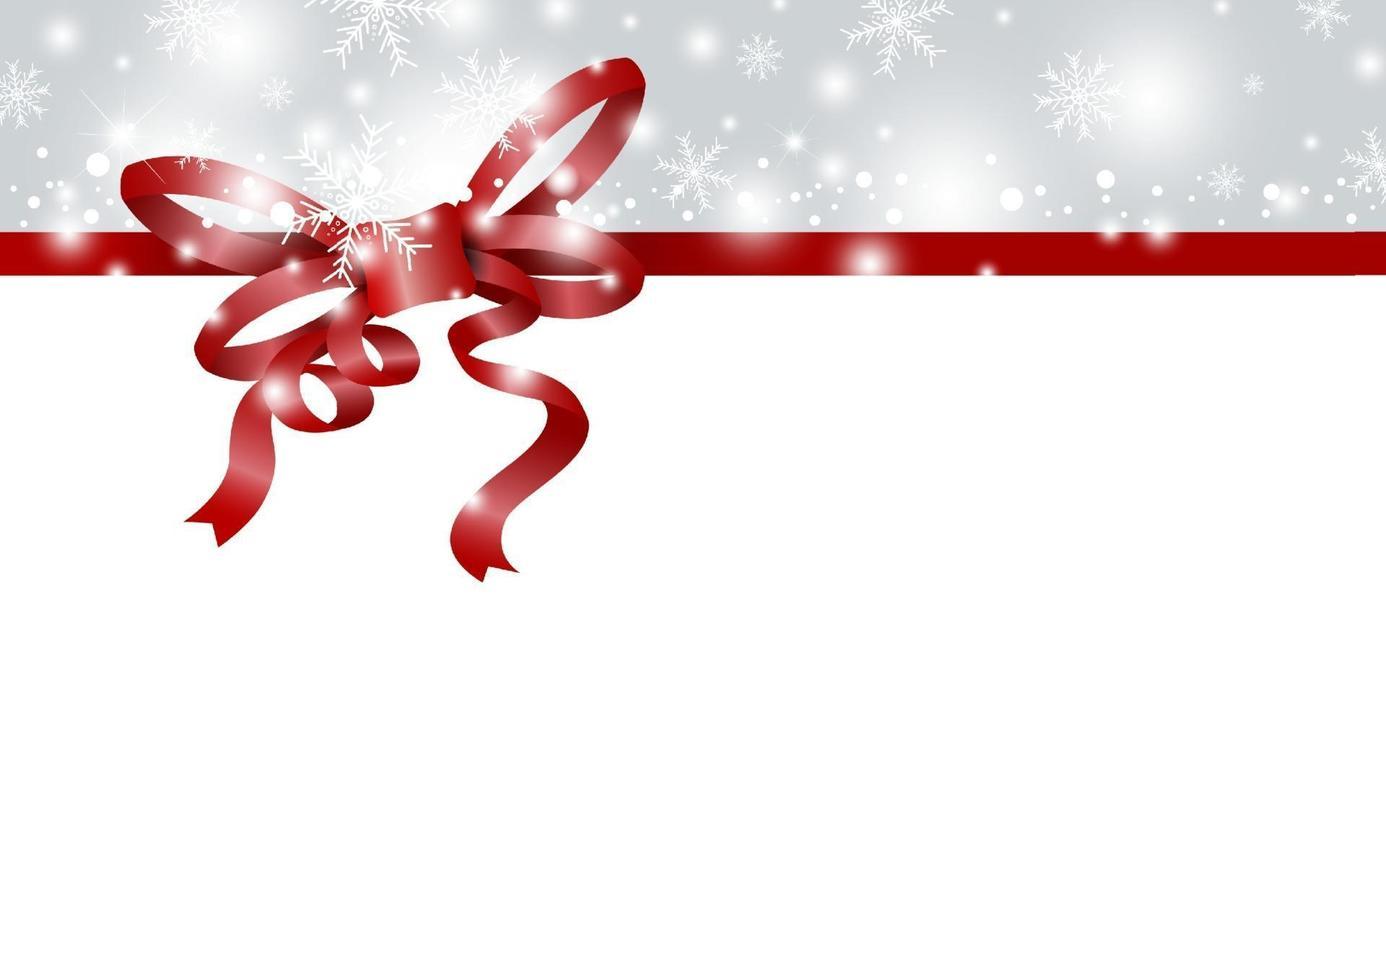 desenho de fundo de Natal e ano novo de fita vermelha e floco de neve no inverno com ilustração vetorial de espaço de cópia vetor